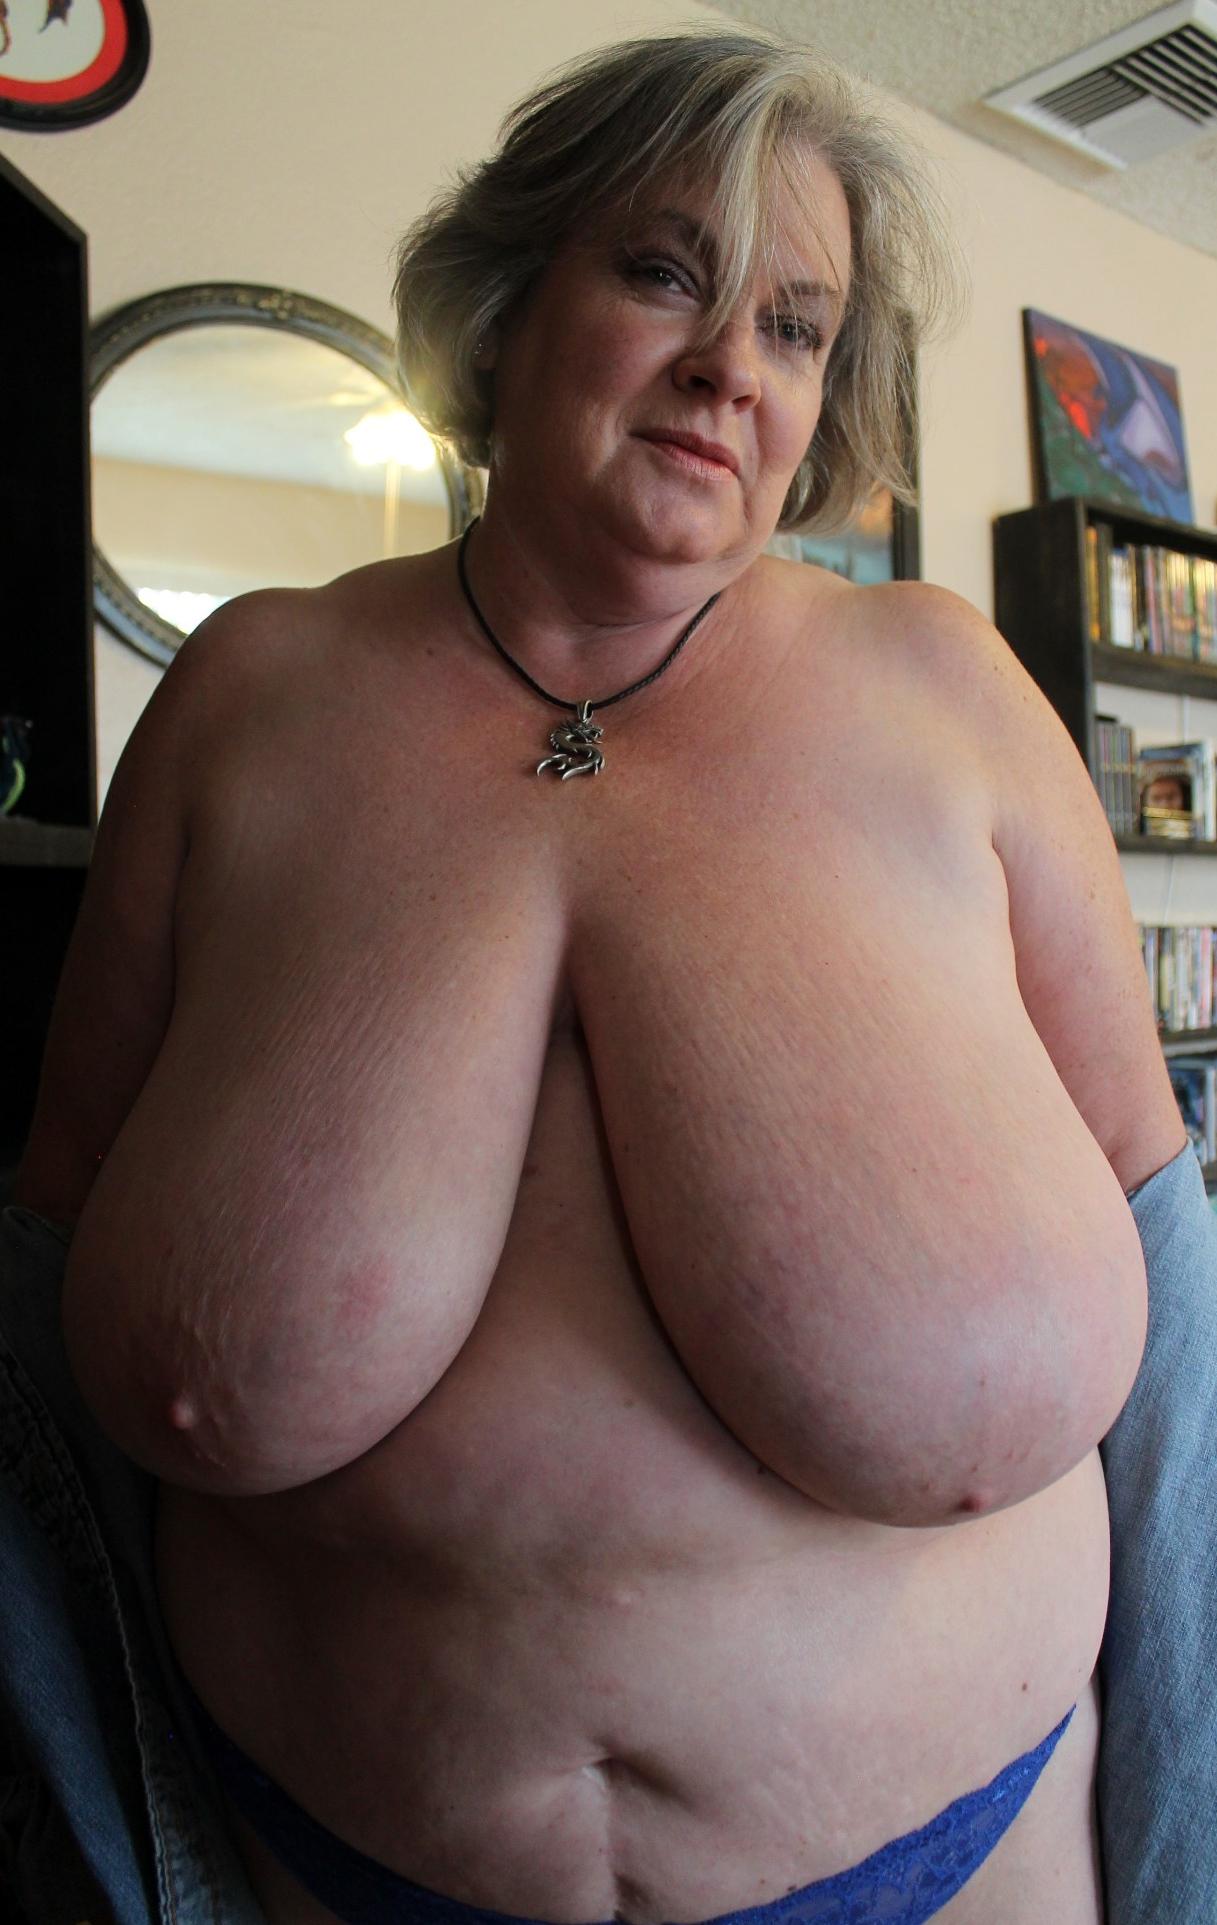 Pics saggy granny Saggy Granny